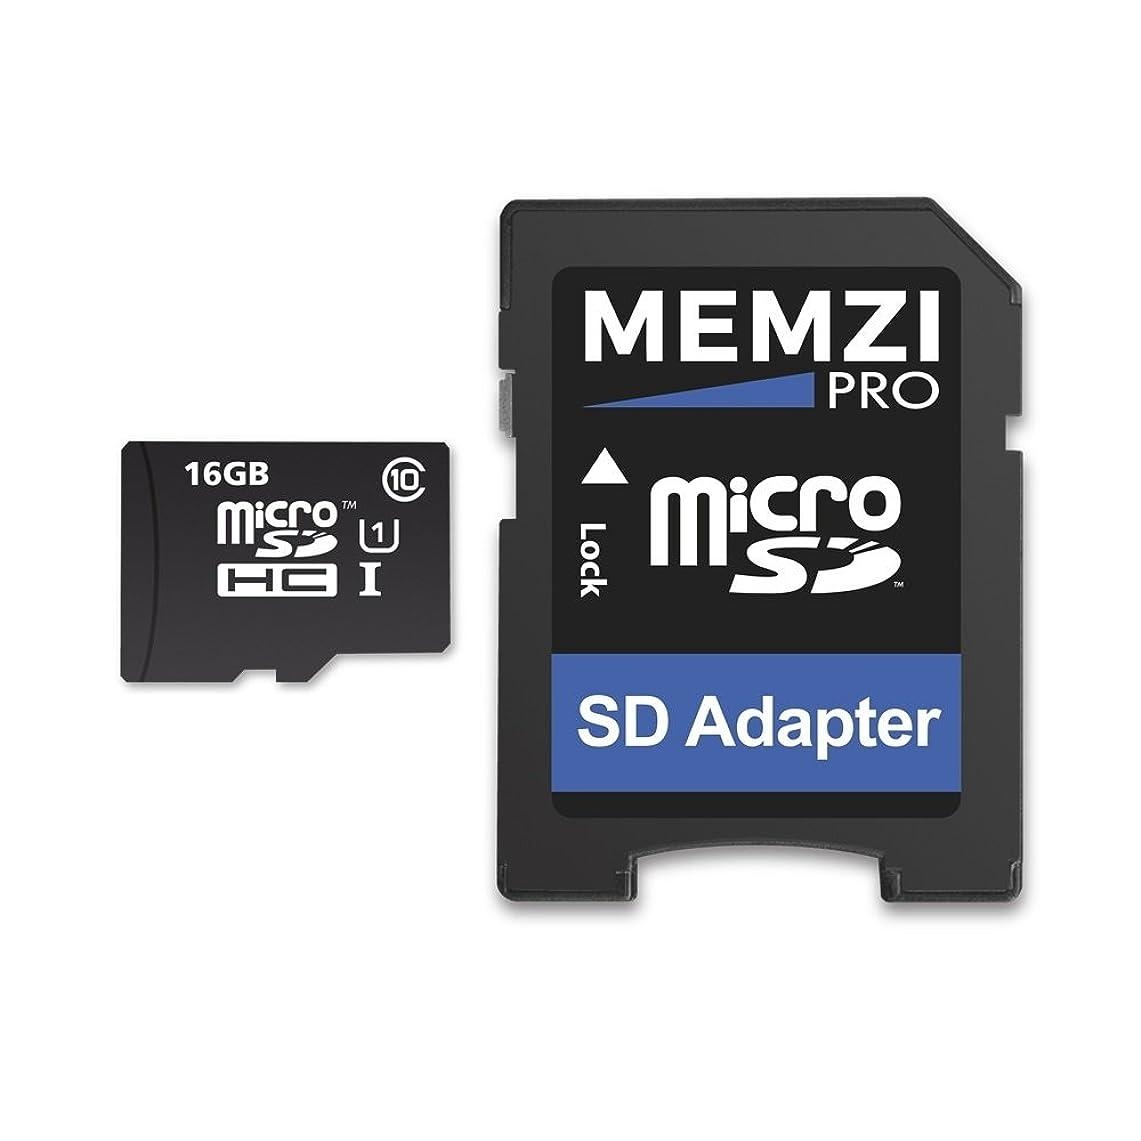 放出絶壁ハイライトMEMZI PRO 16GB 90MB/s Class 10 Micro SDHC メモリーカード SDアダプター付き クロスツアー CR900 CR750 CR700 CR600 CR500 CR350 CR300 CR100ダッシュカム用